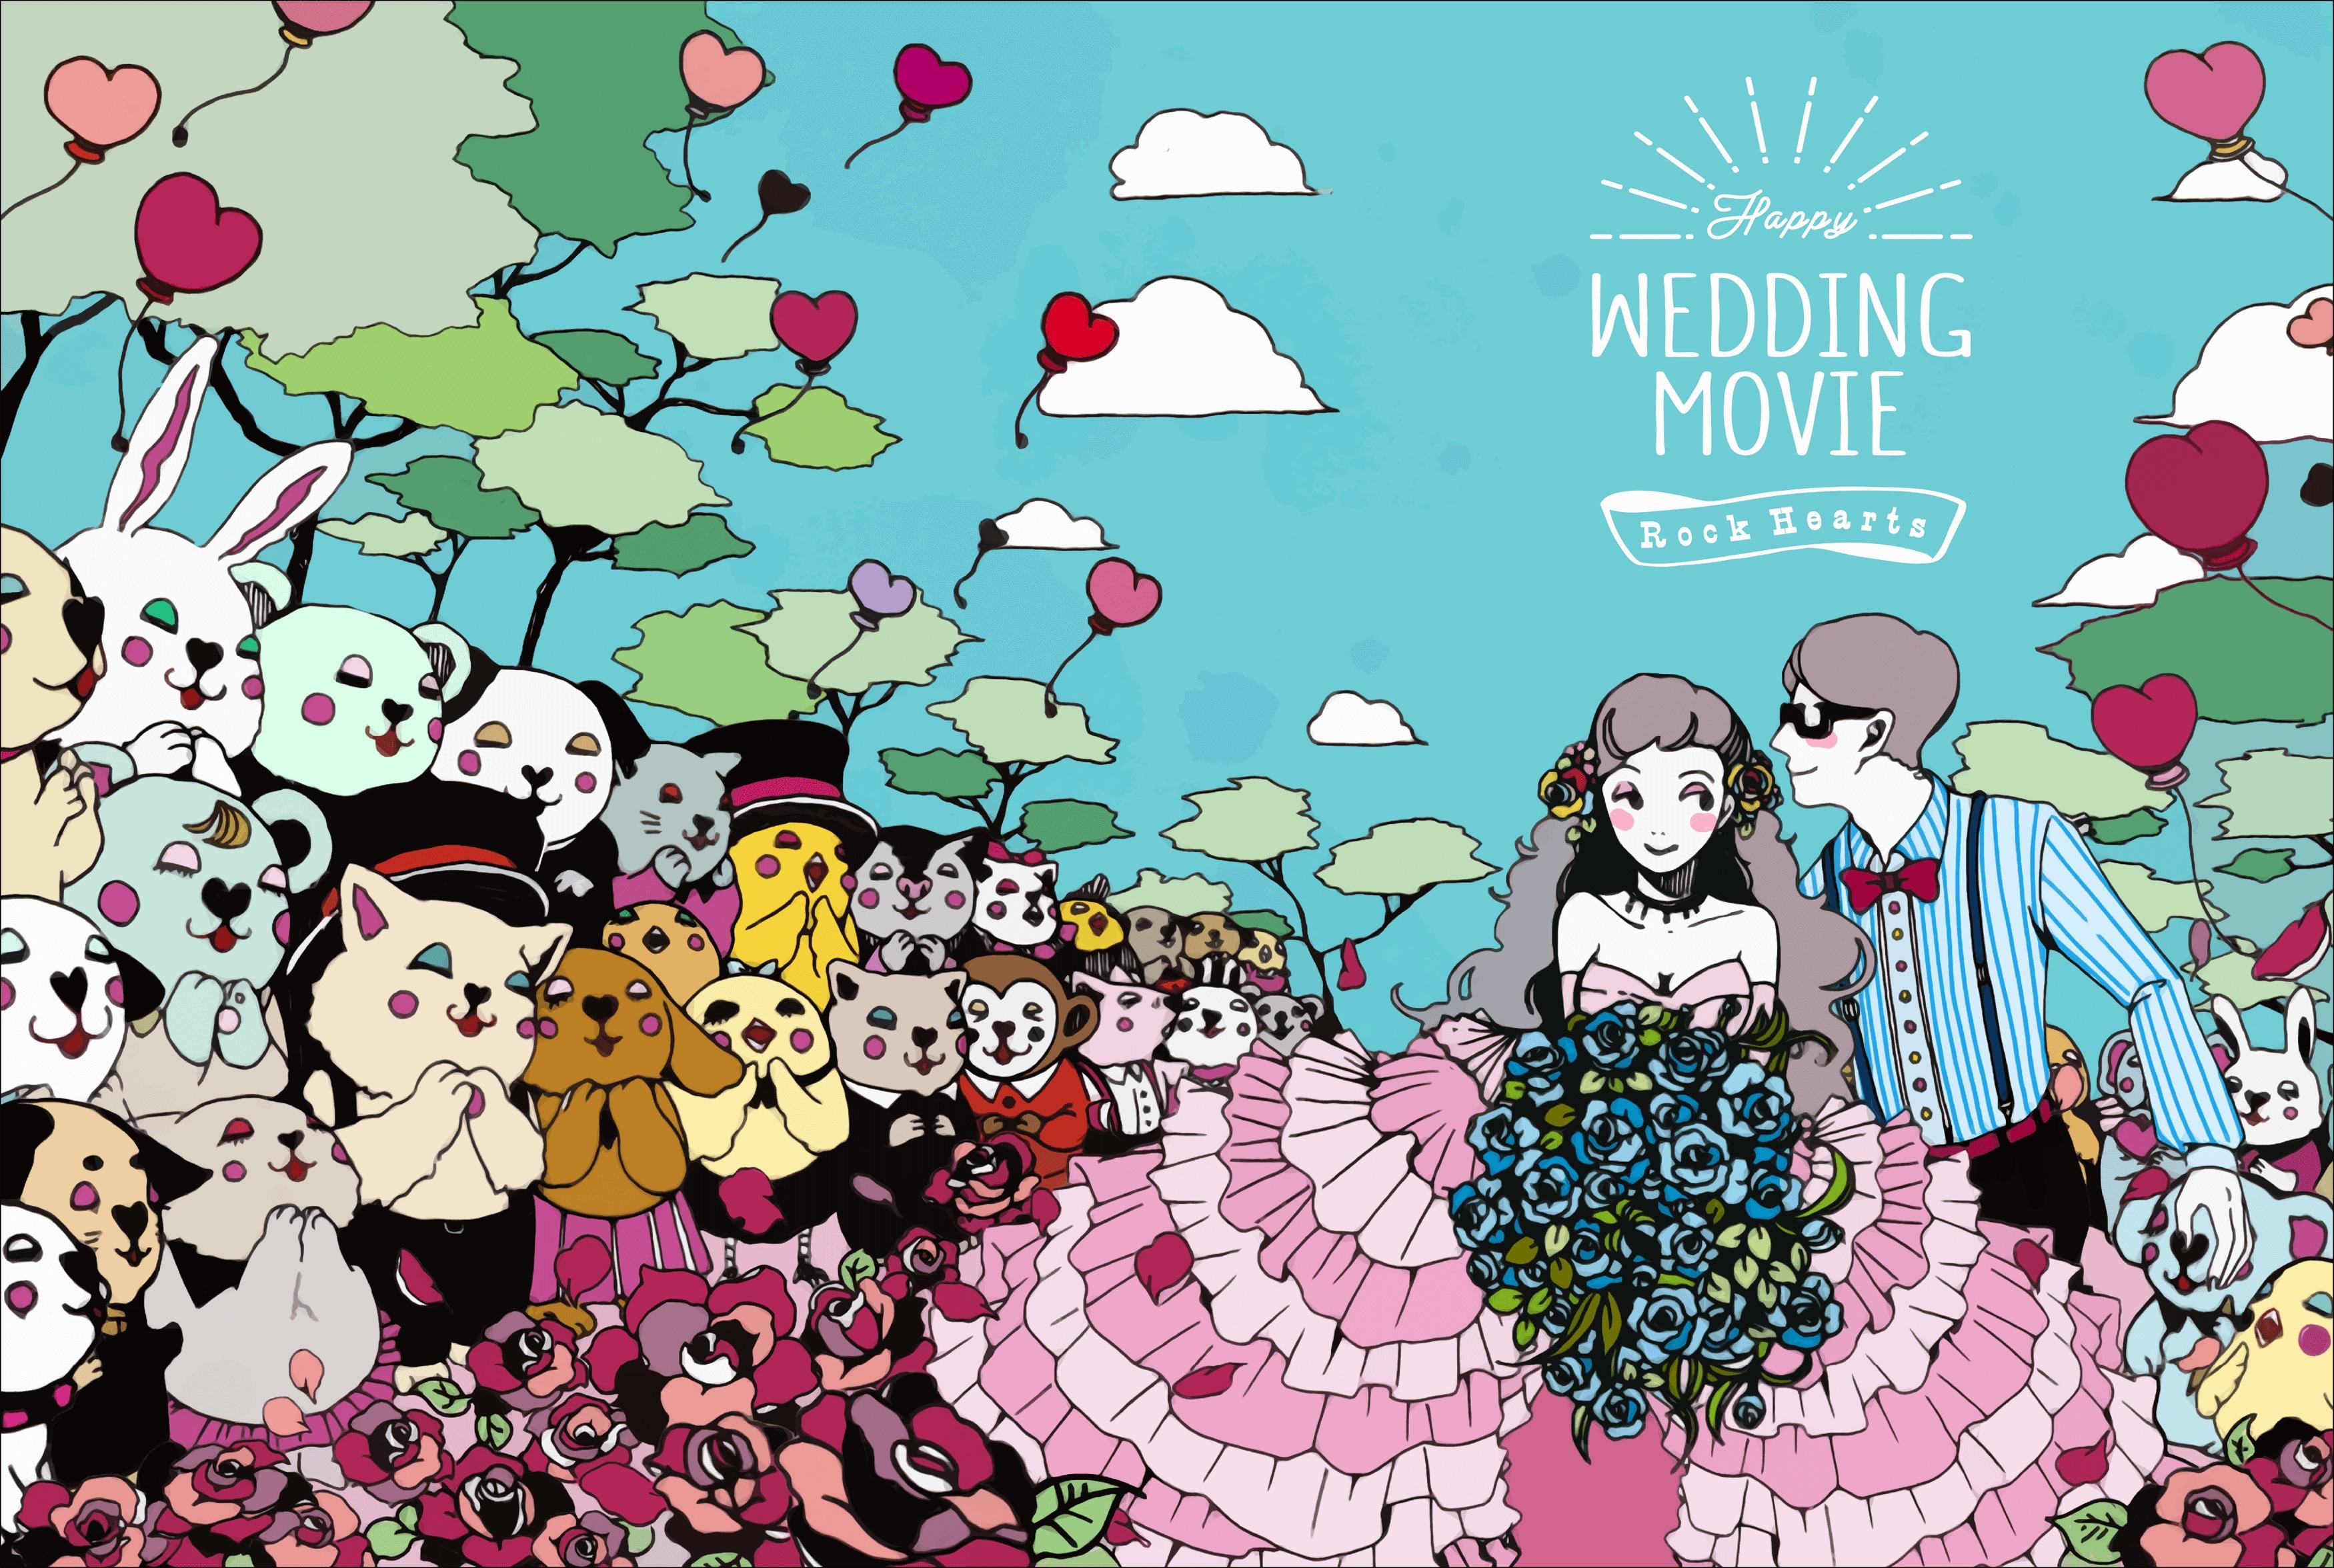 披露宴の結婚式ウエディングイラスト